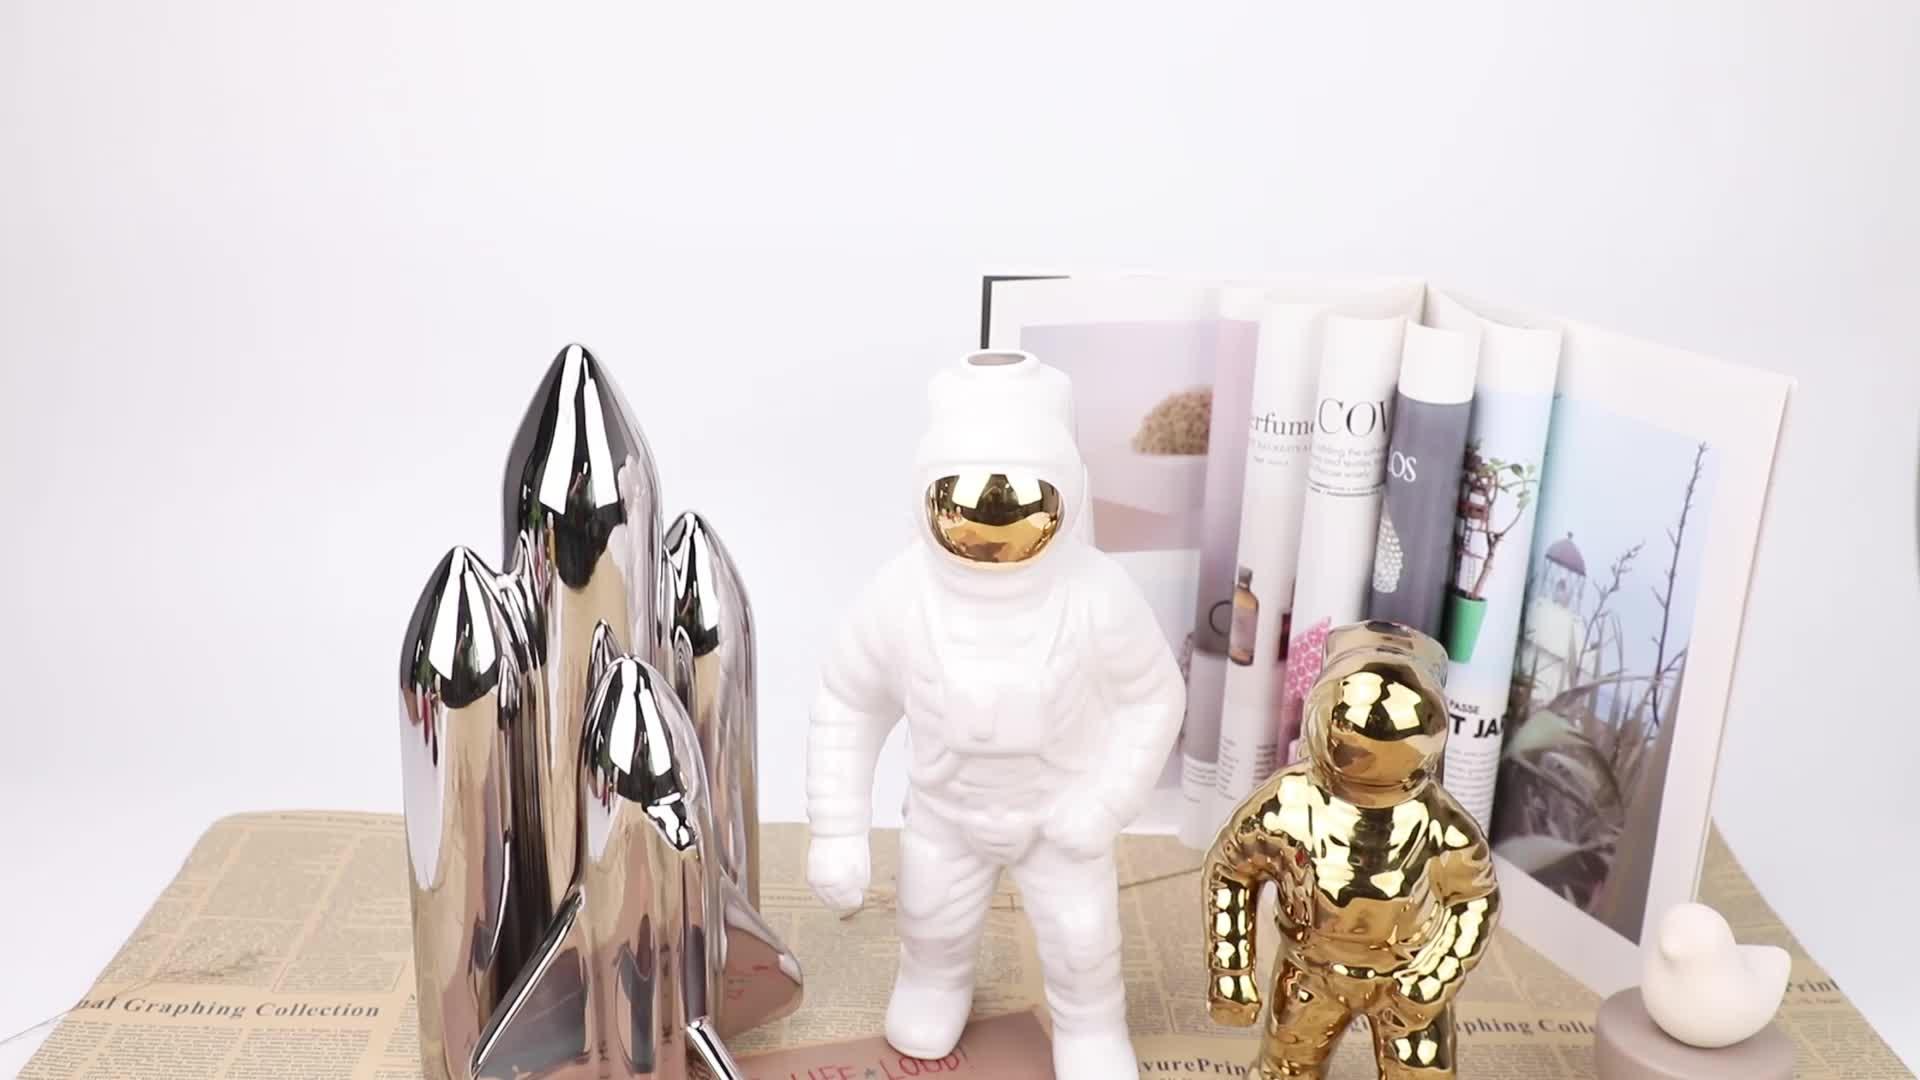 Thuis luxe decor keramische astronaut pop figuur